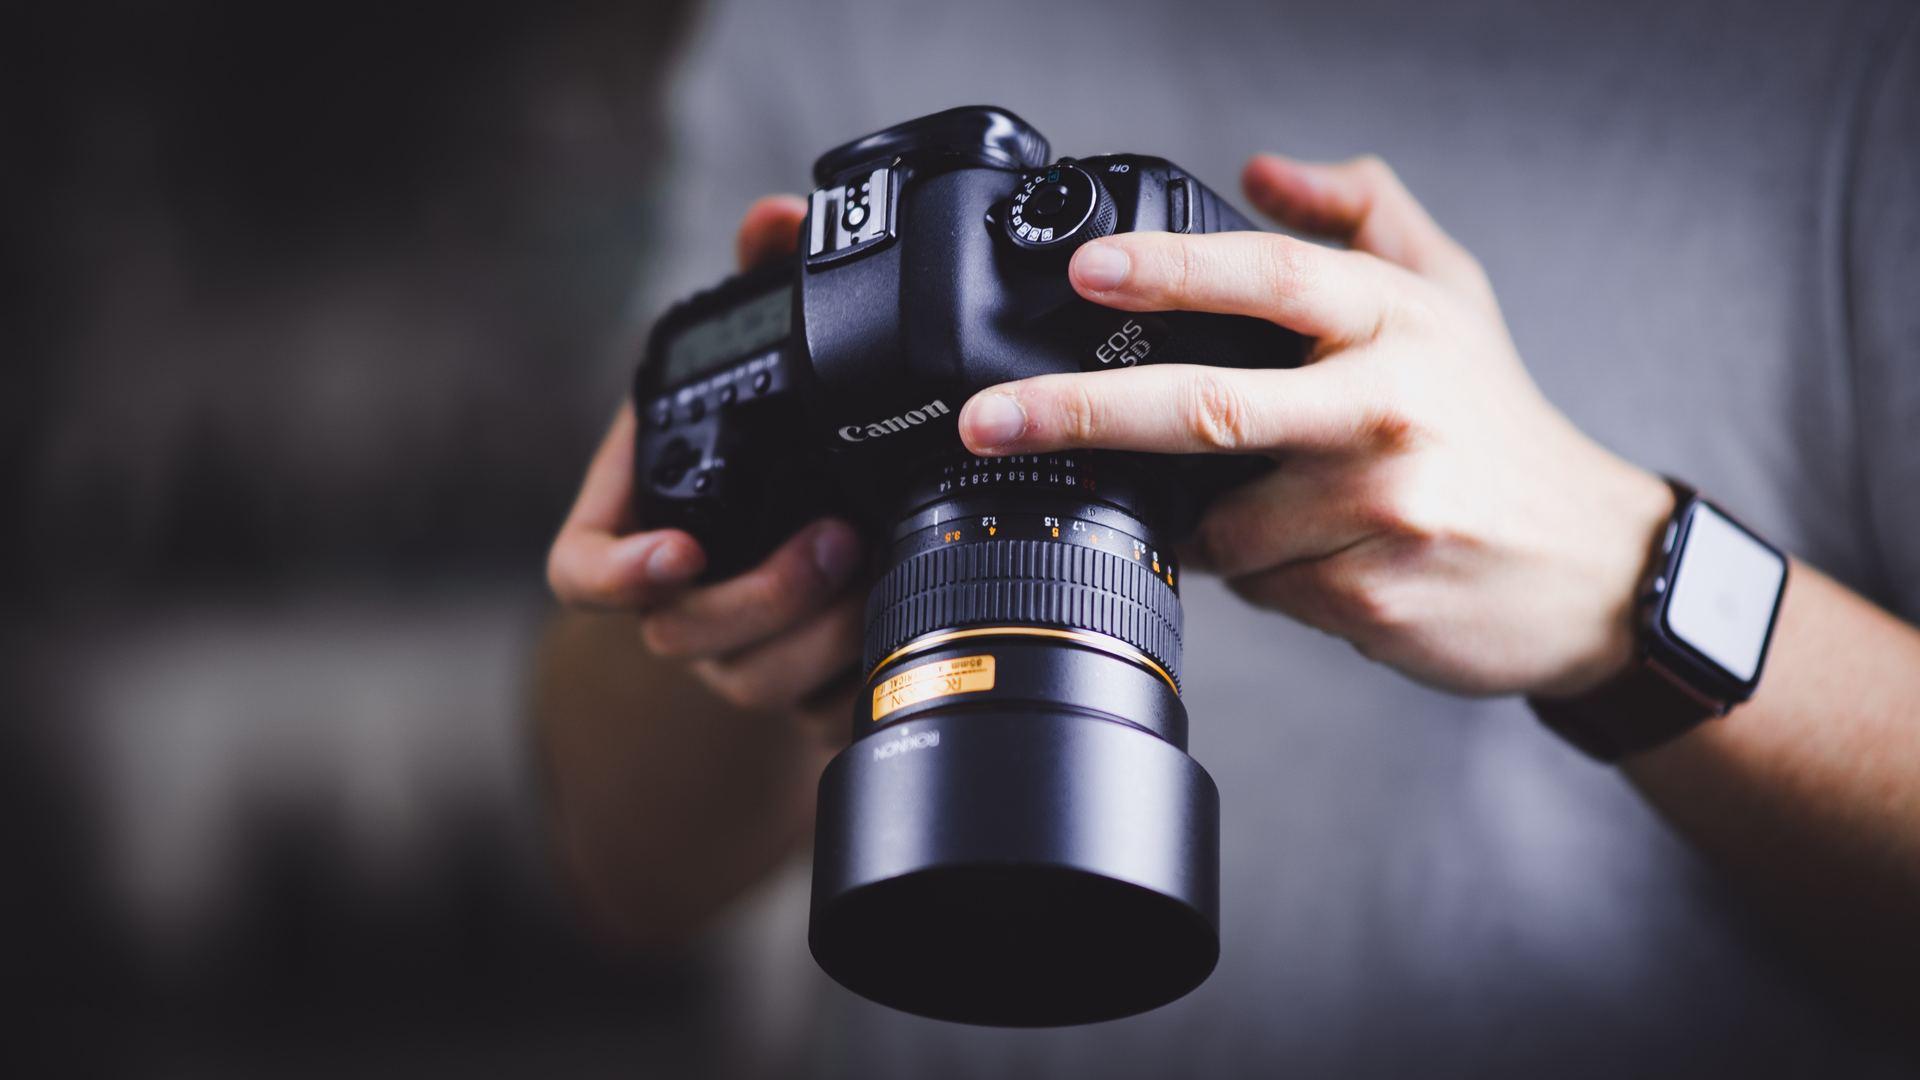 Professionelle fotos hjælper med at vise kunderne, hvem I er